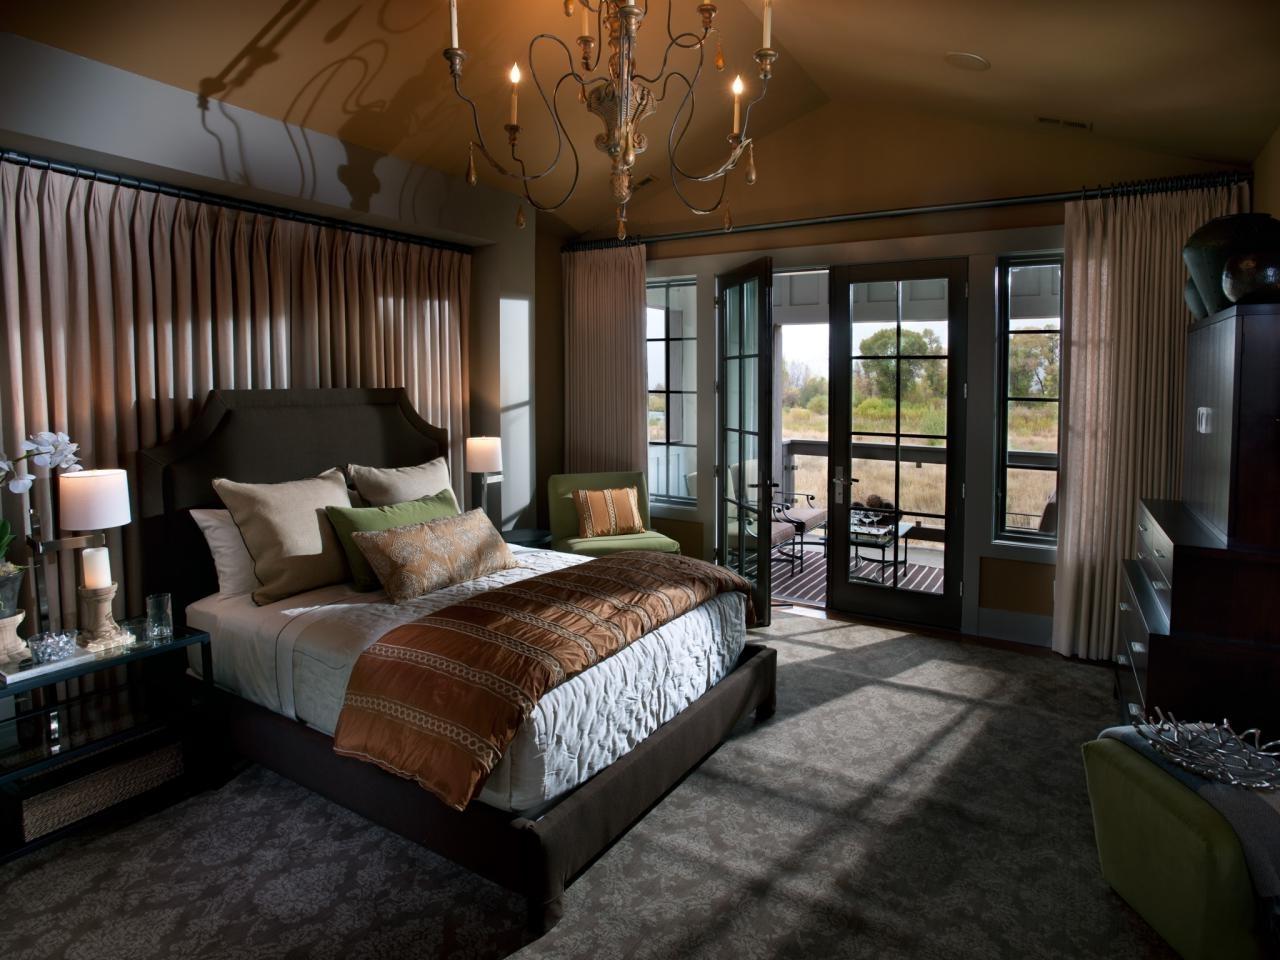 Latest Bedroom Chandelier Lighting (View 9 of 15)